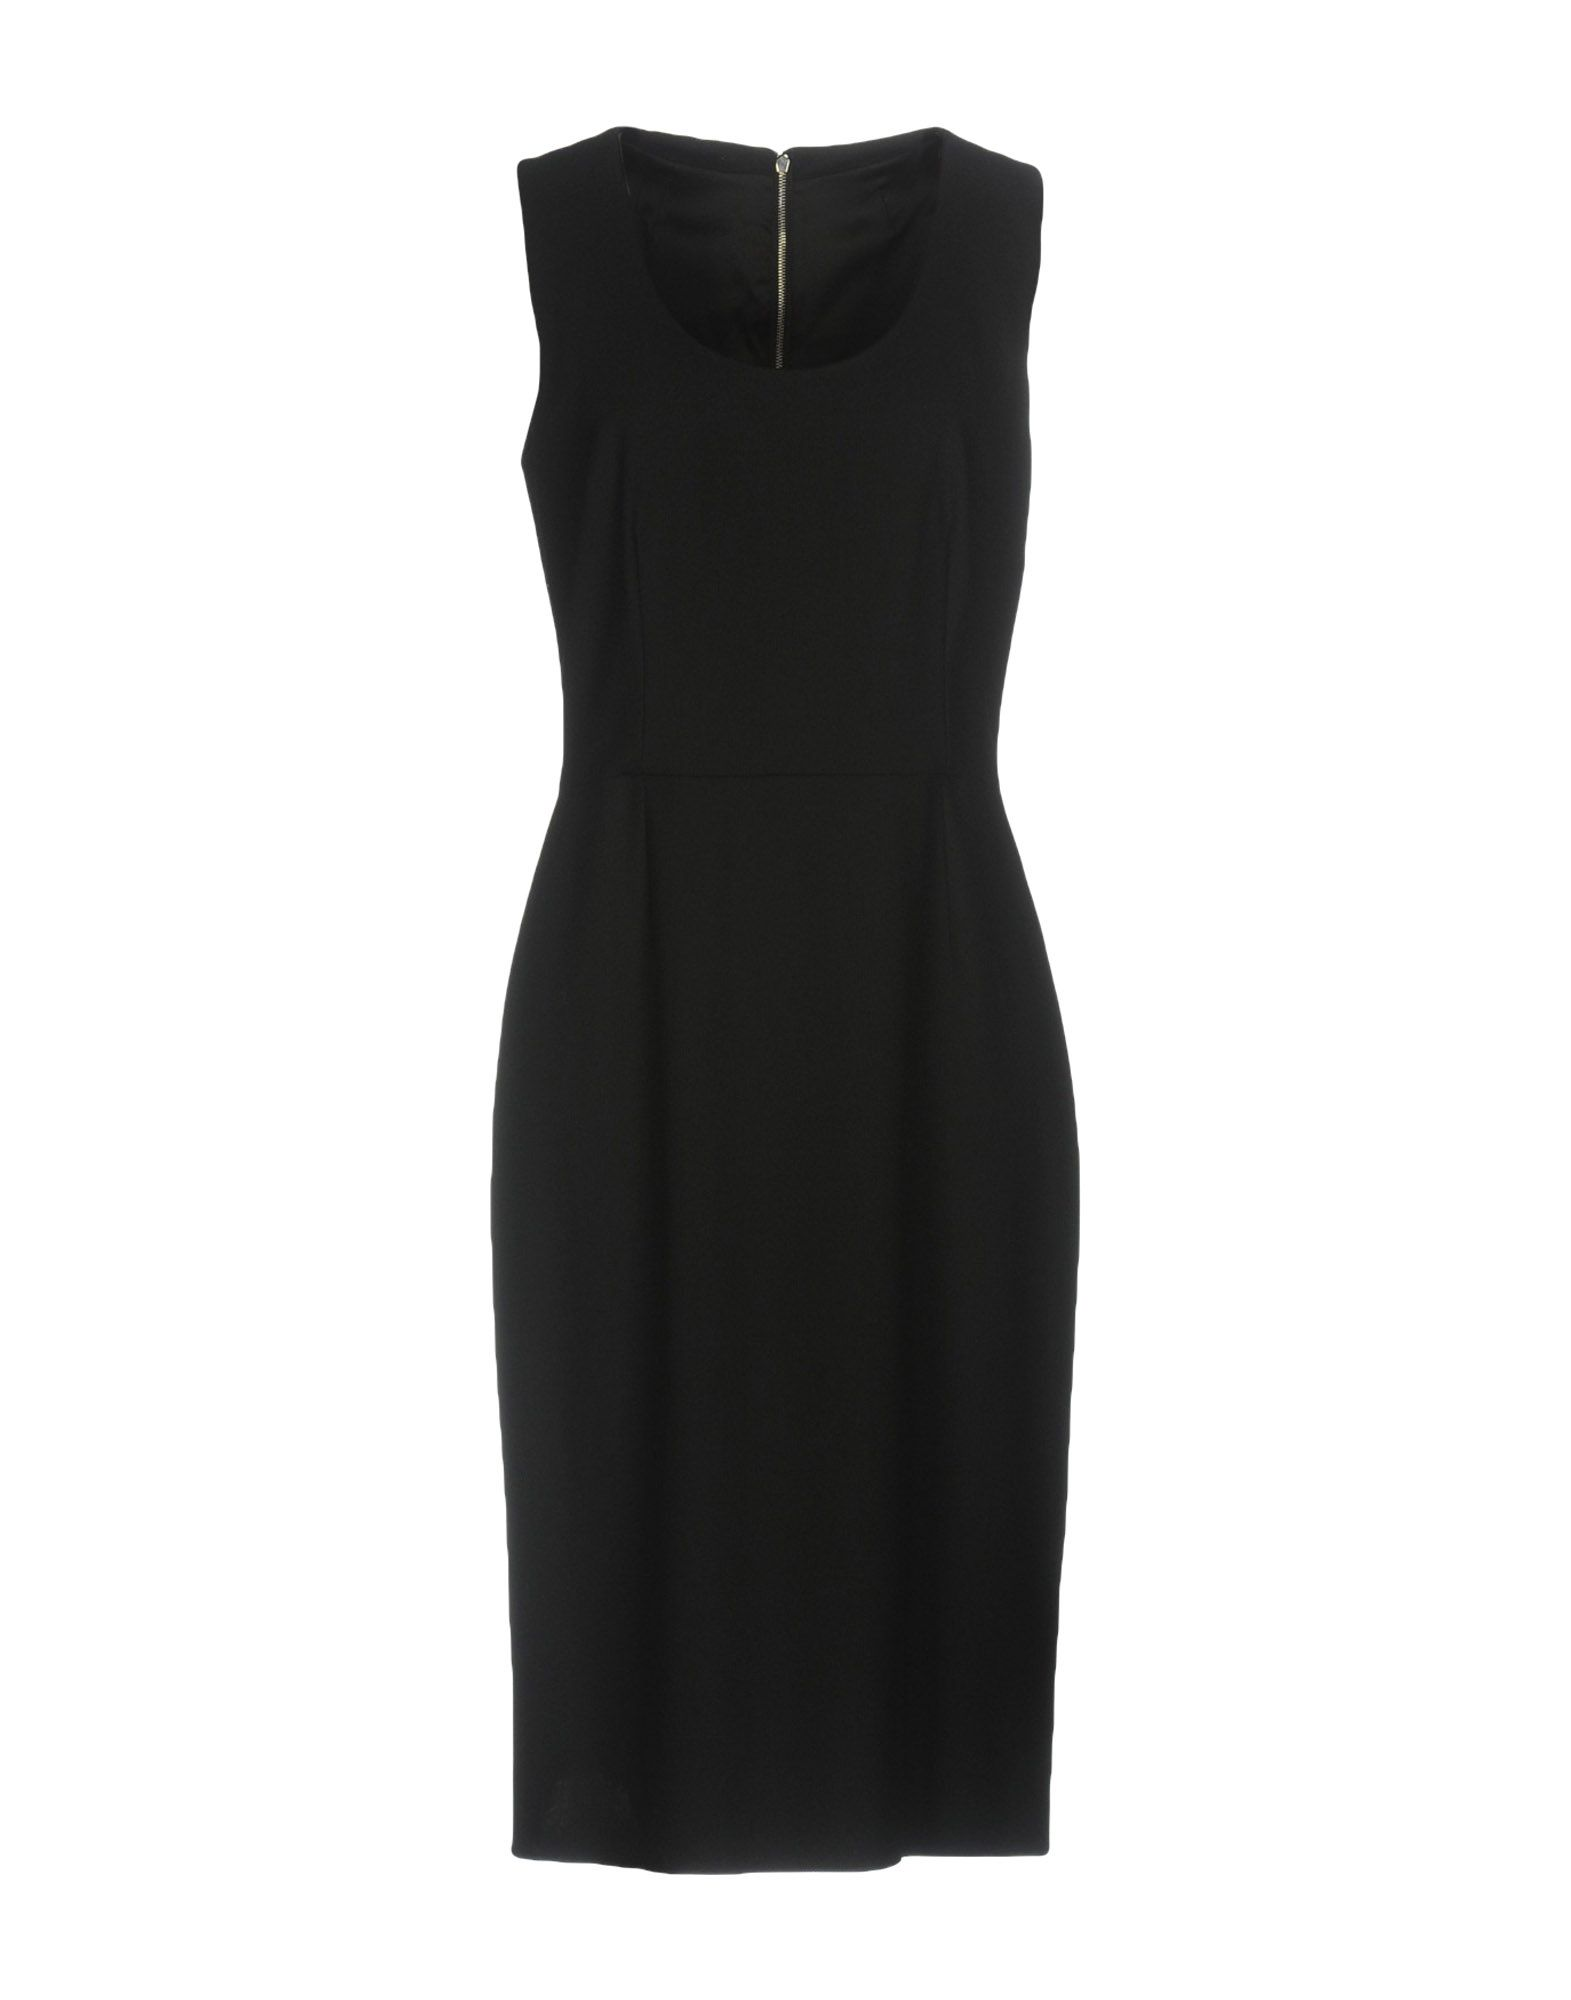 DOLCE & GABBANA Damen Knielanges Kleid Farbe Schwarz Größe 6 - broschei